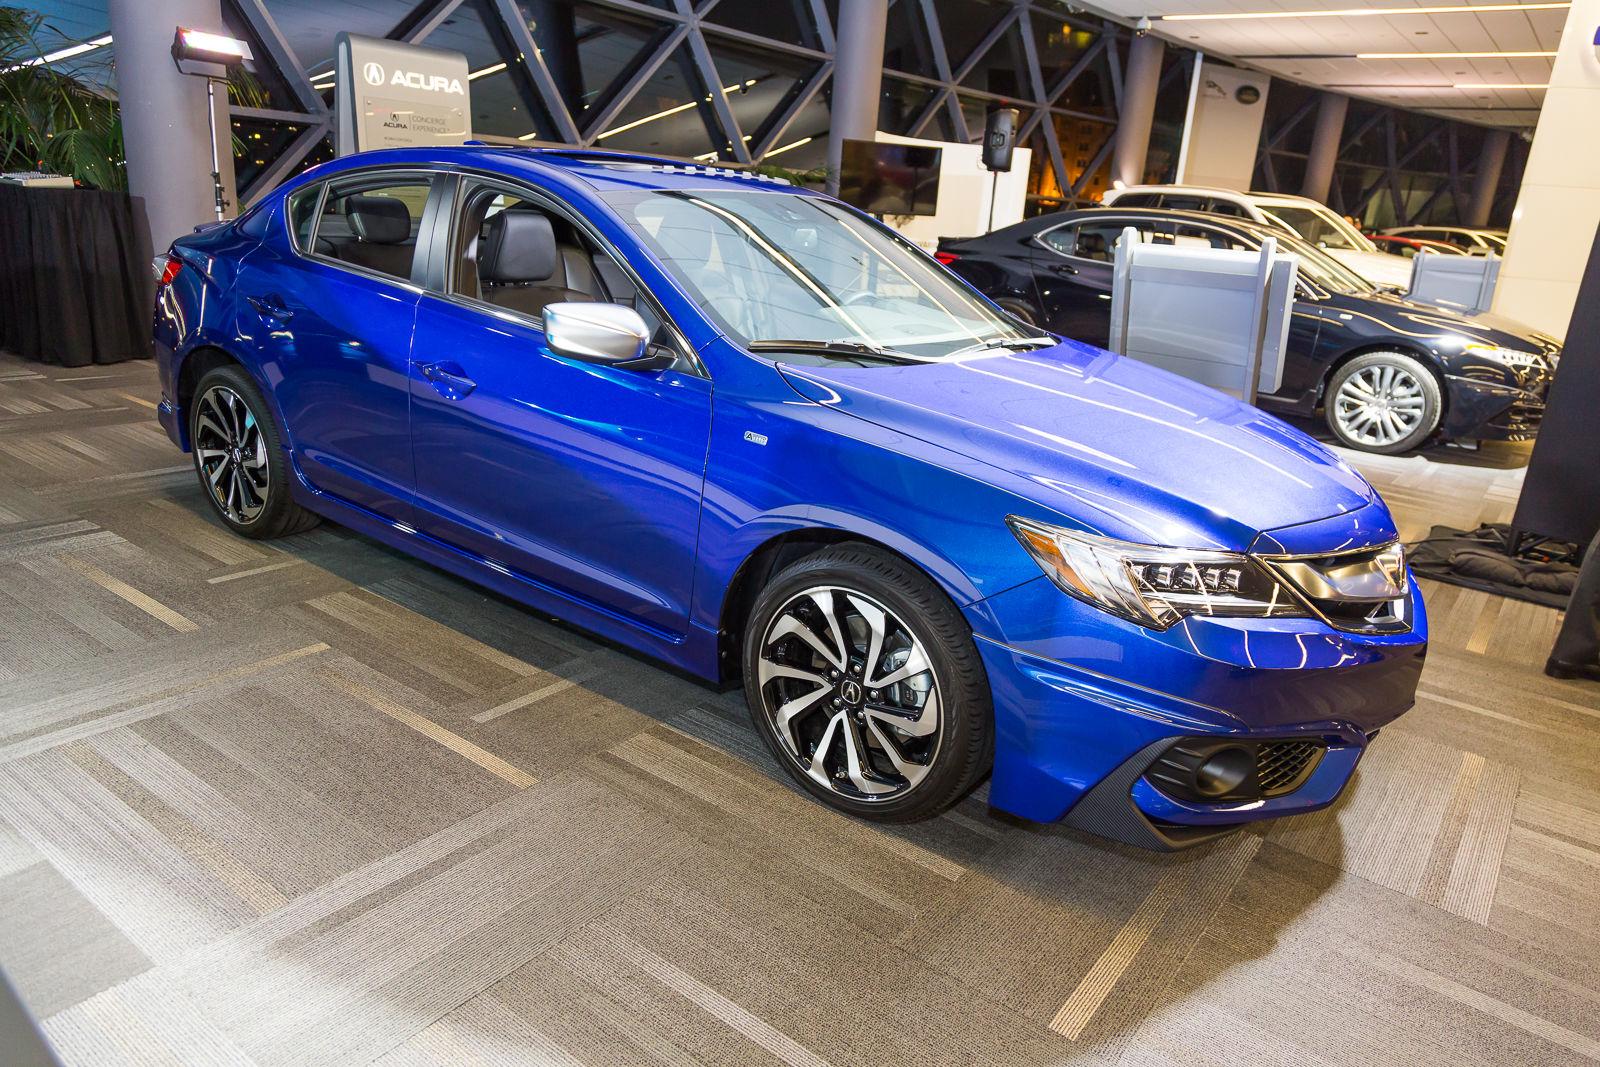 Ottawa Auto Show 2016 Acura Ilx By Mierins Automotive